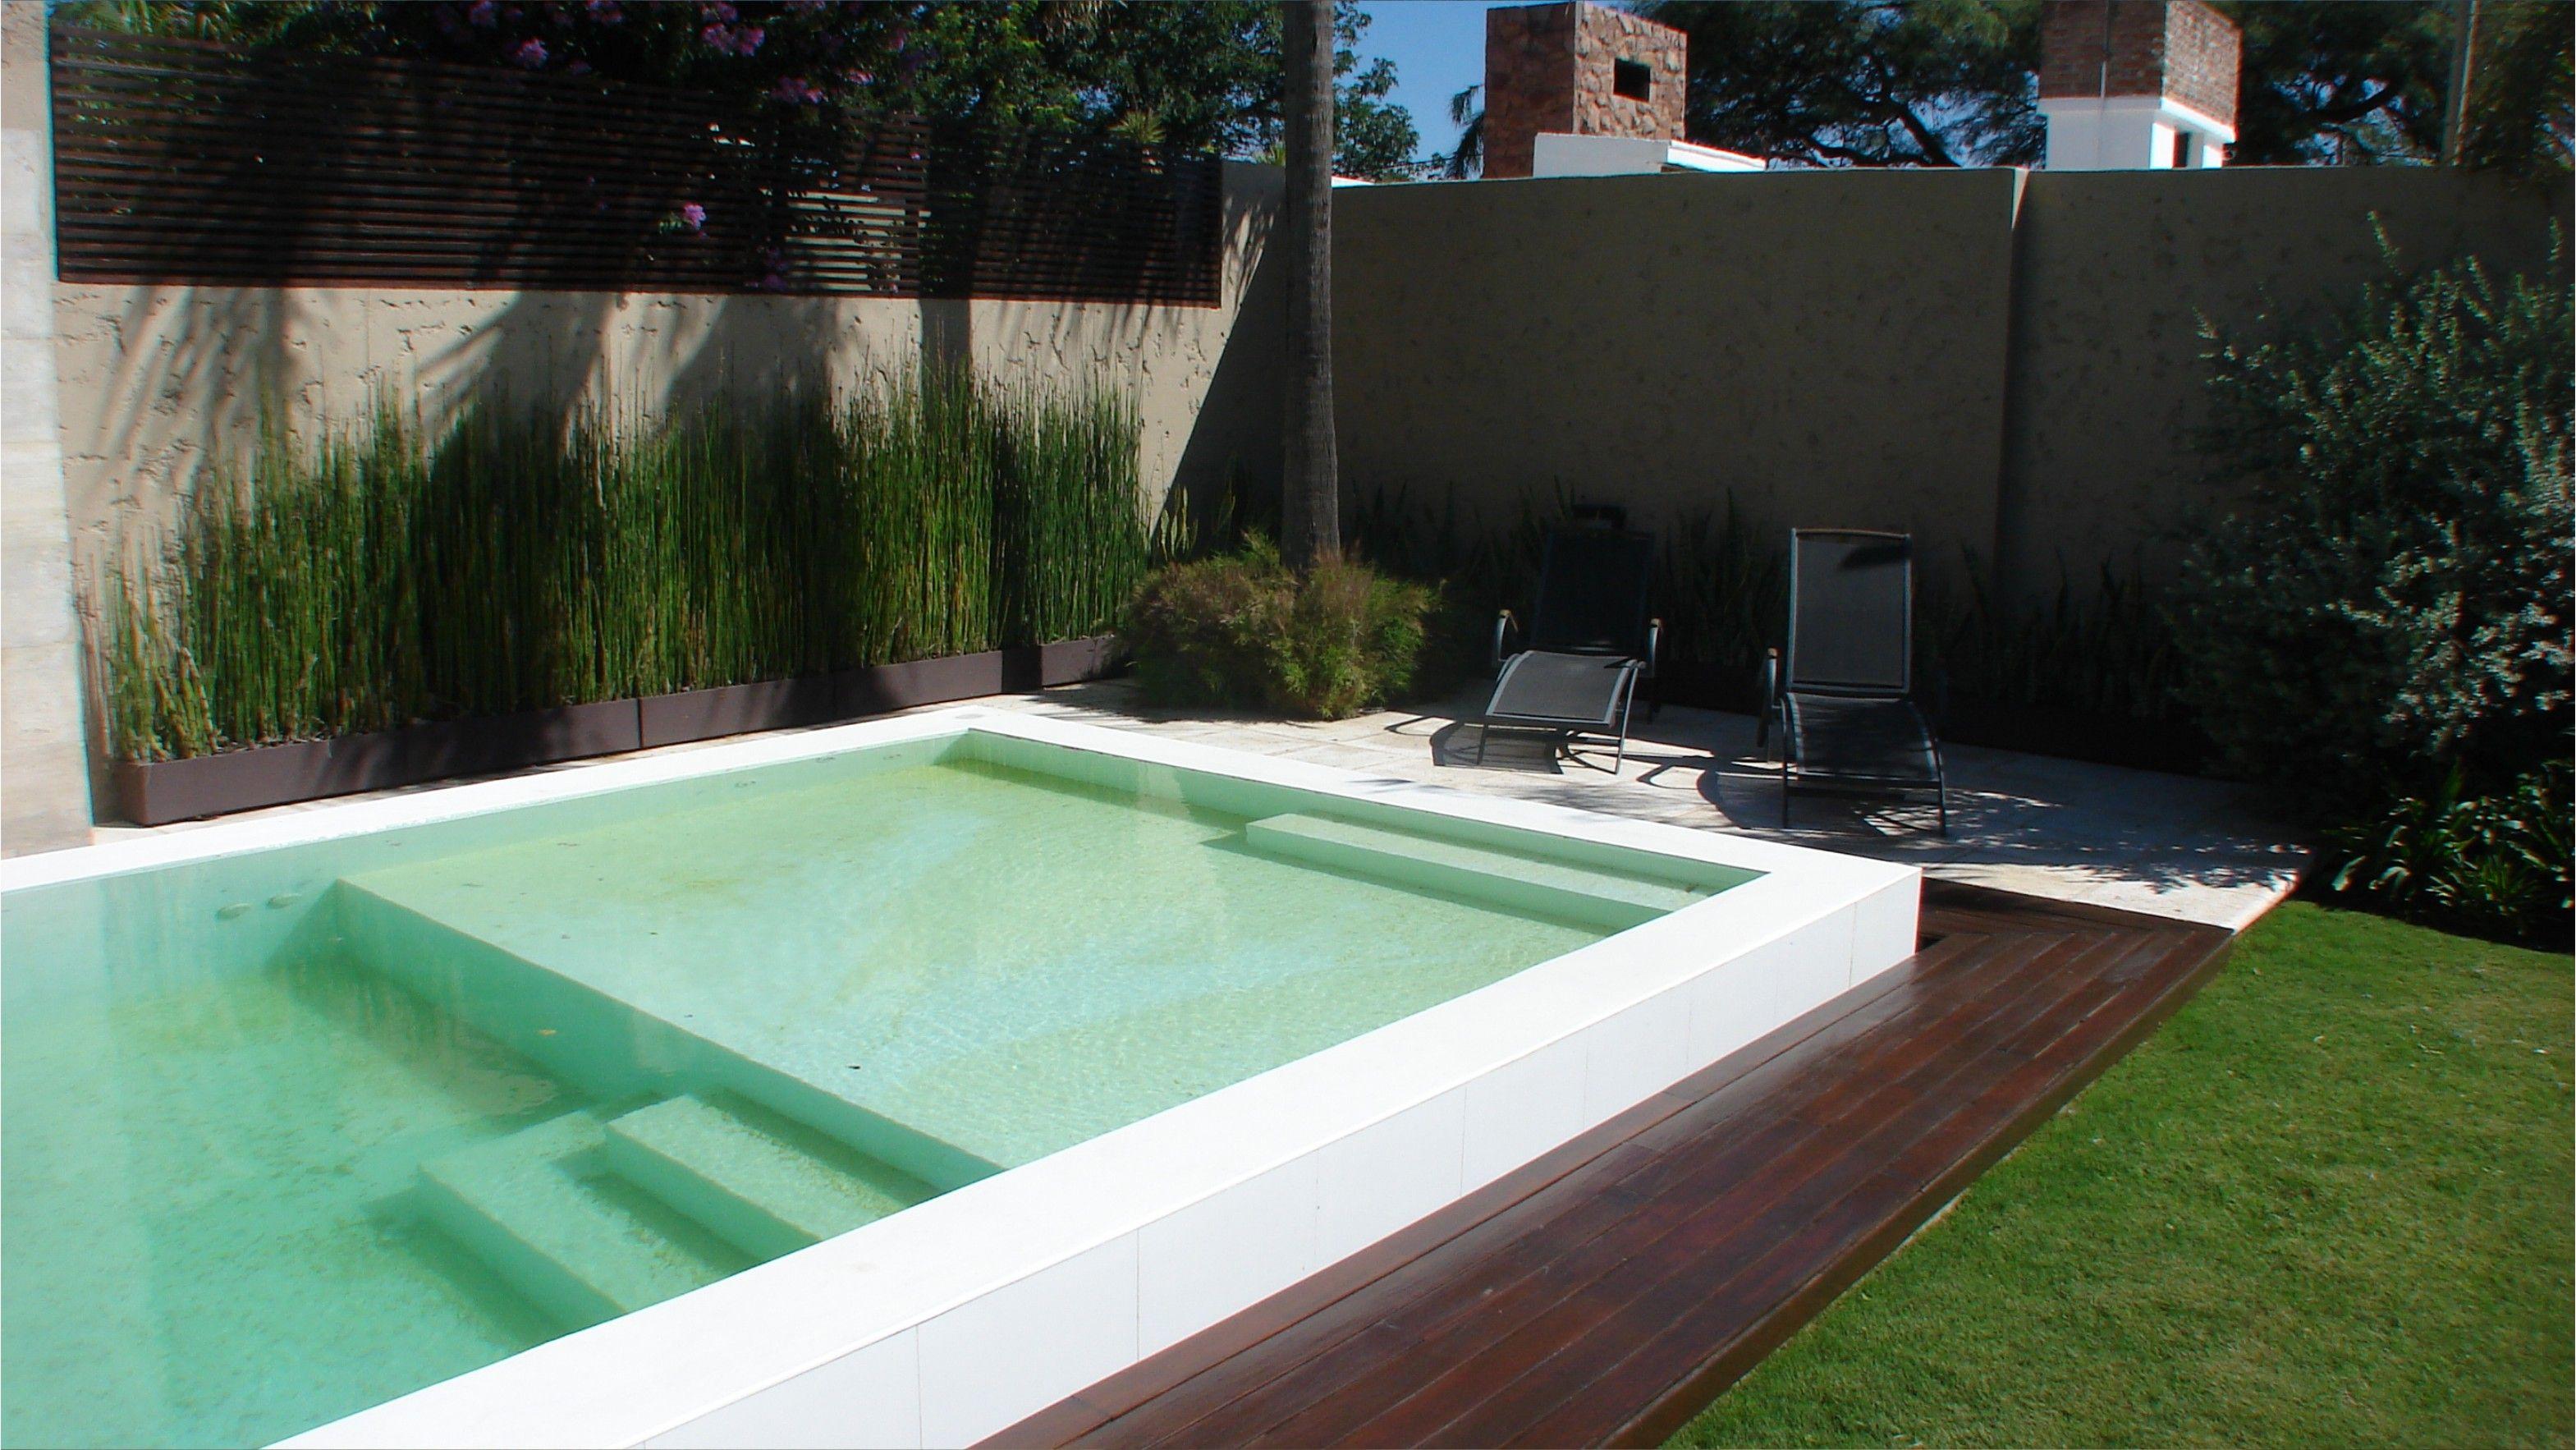 Piscina desborde finlandes deck piscina - Diseno de piscinas modernas ...